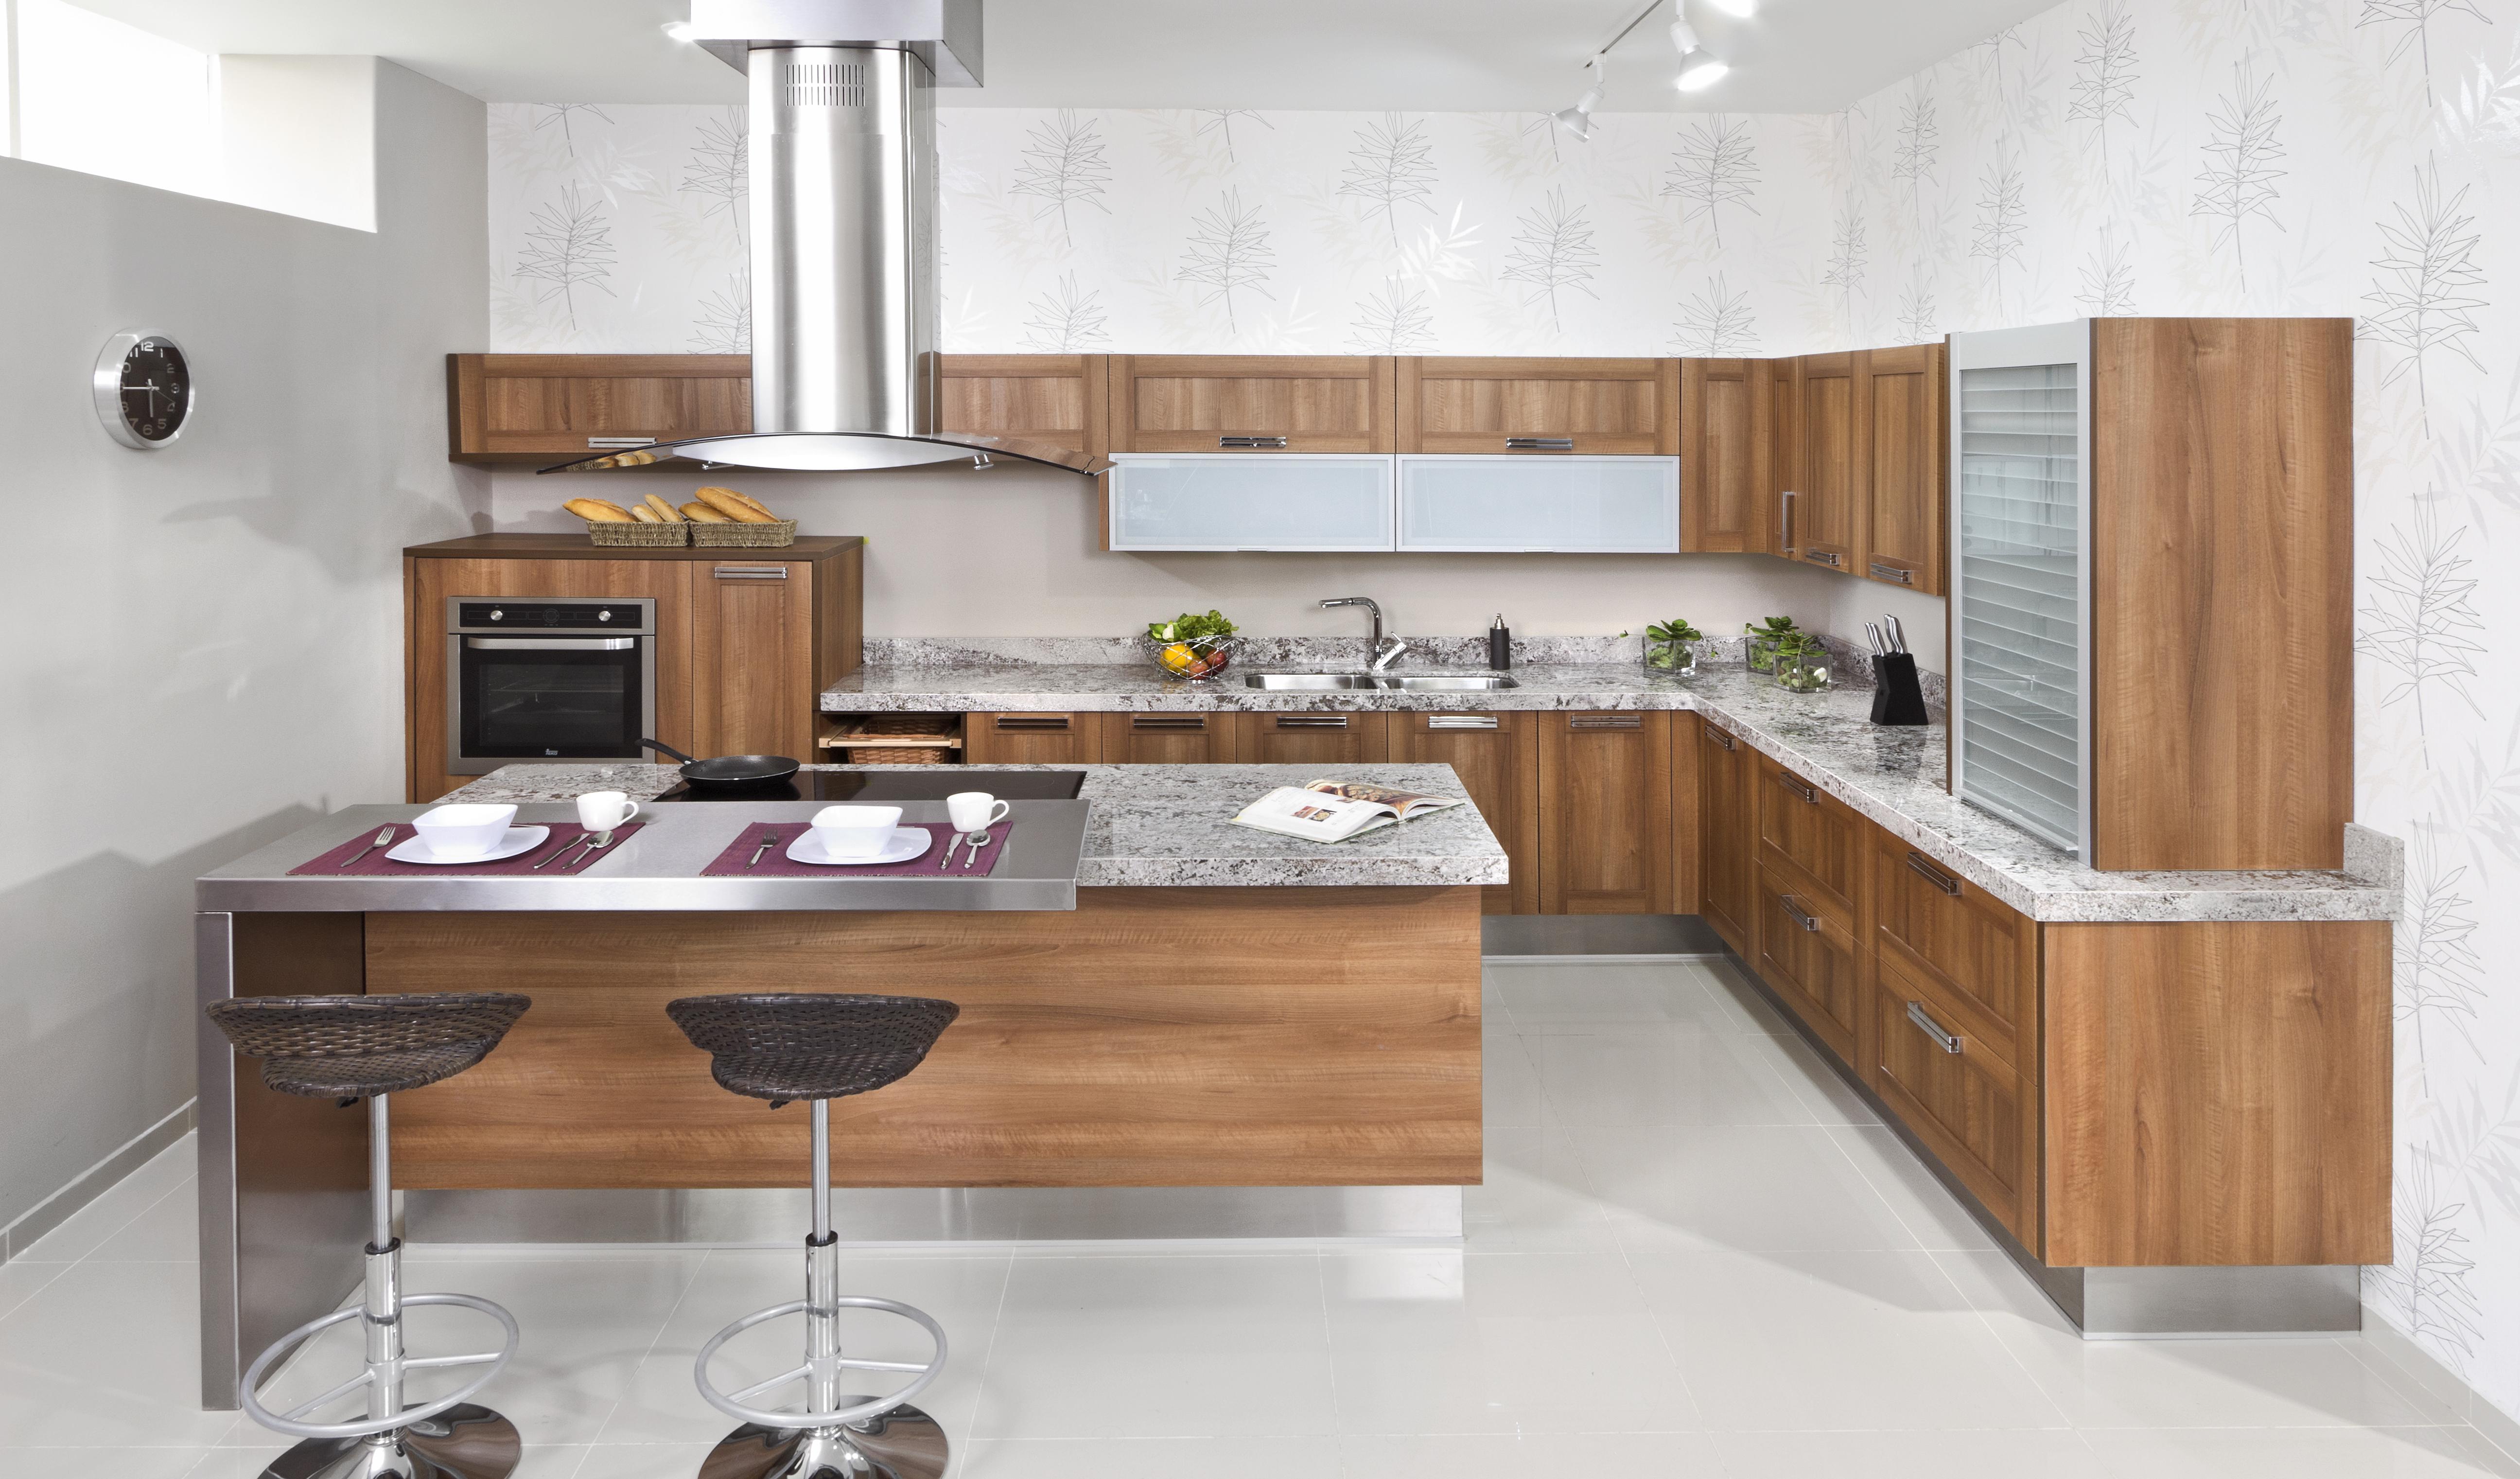 Cómo elegir la campana de cocina - Blog de Mödul Studio